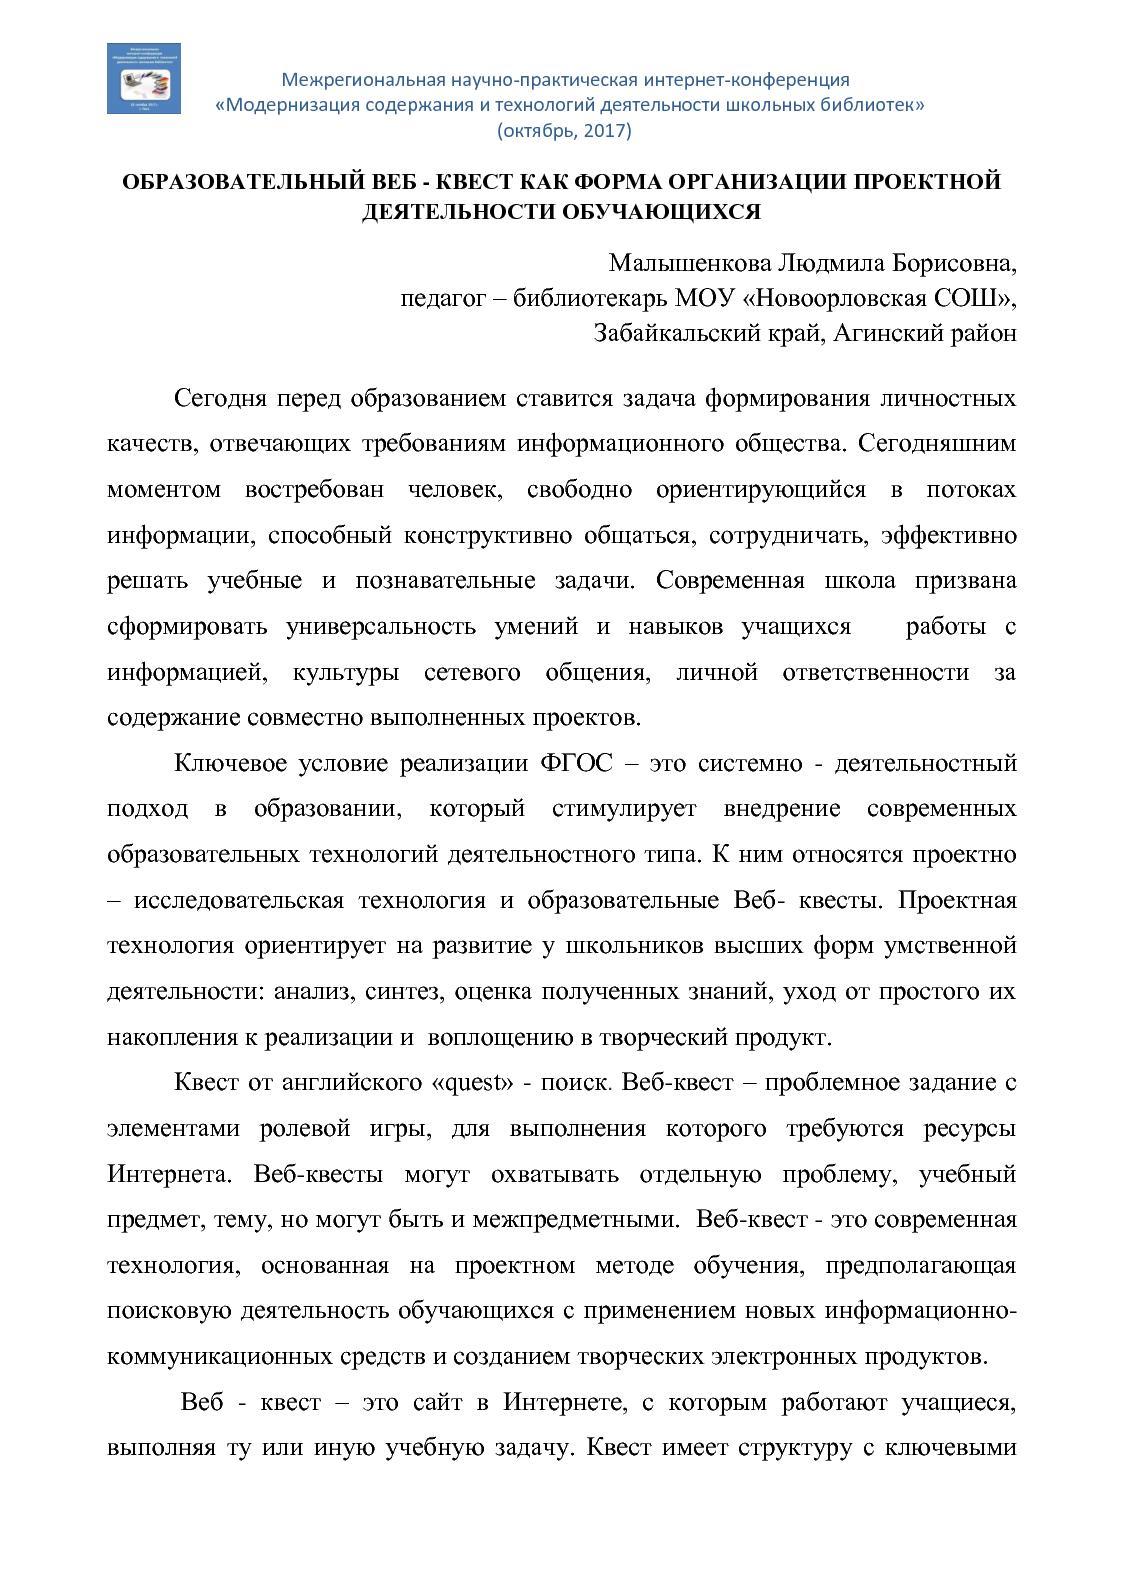 Calaméo   Малышенкова Л. Б. Образовательный веб квест